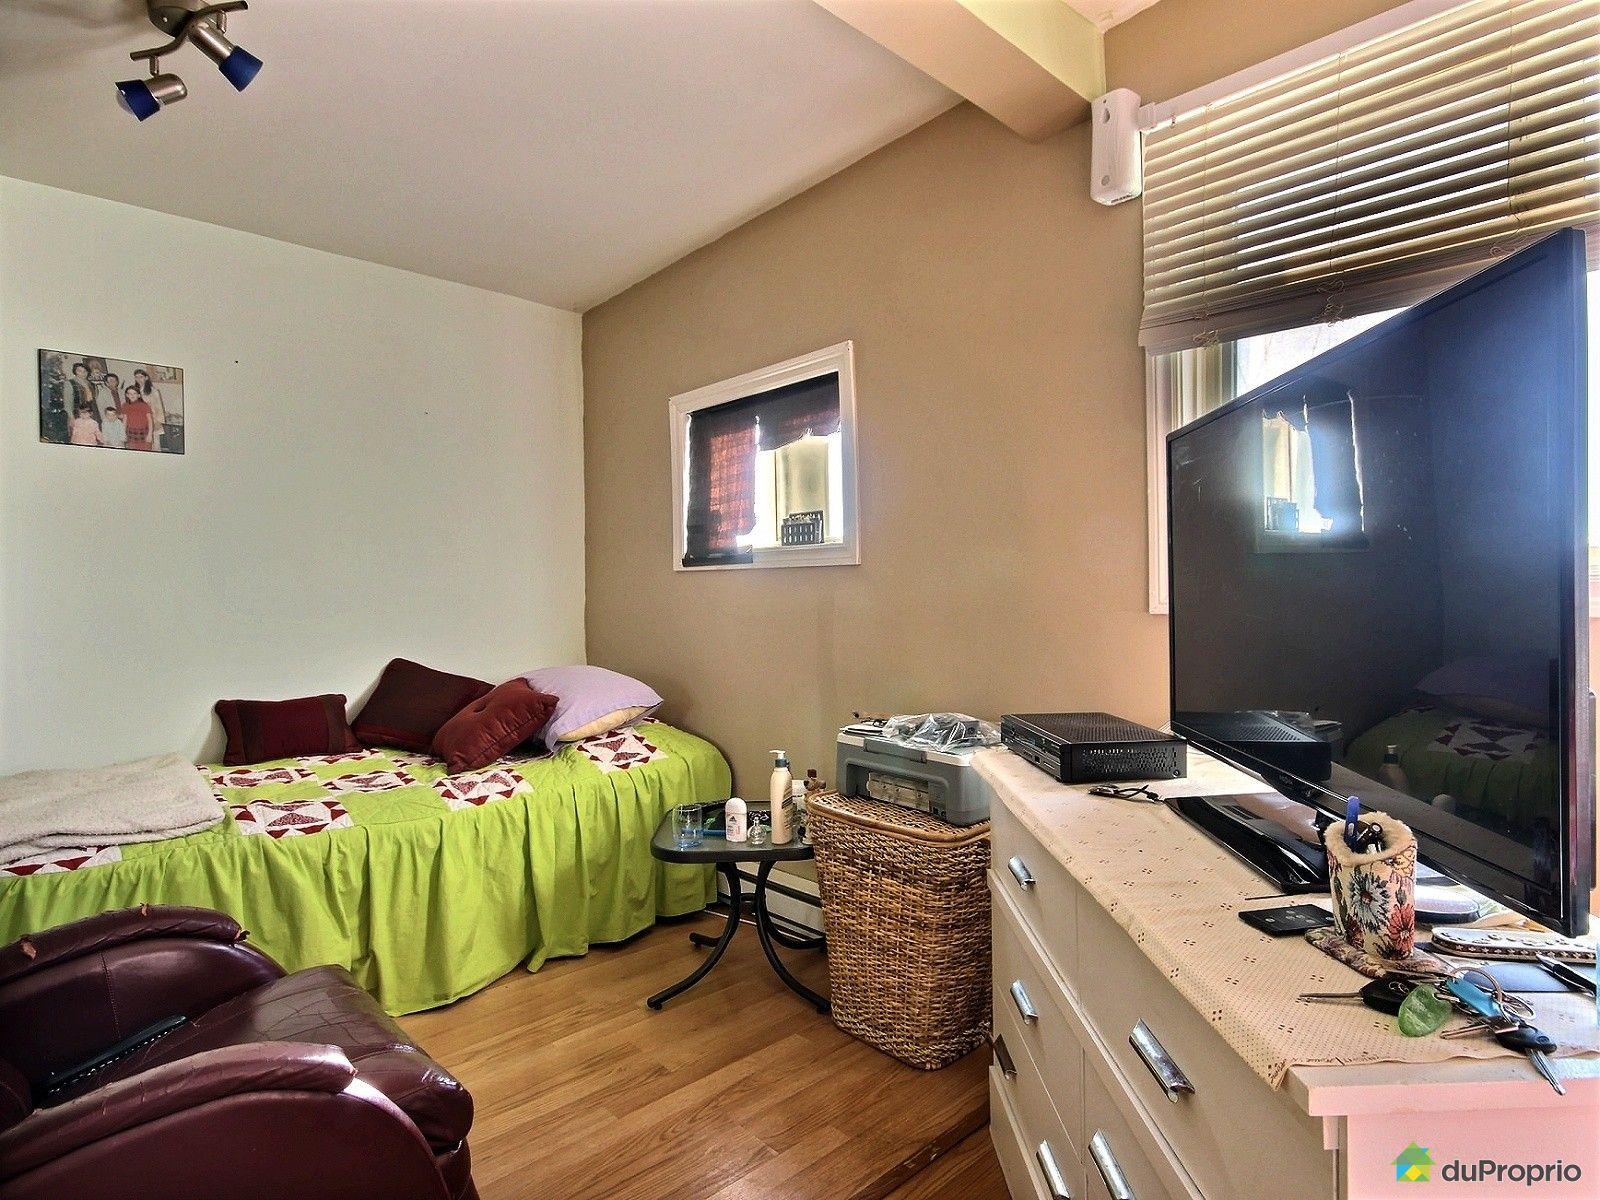 Maison vendre gatineau 1212 rue notre dame immobilier for Salon du logement